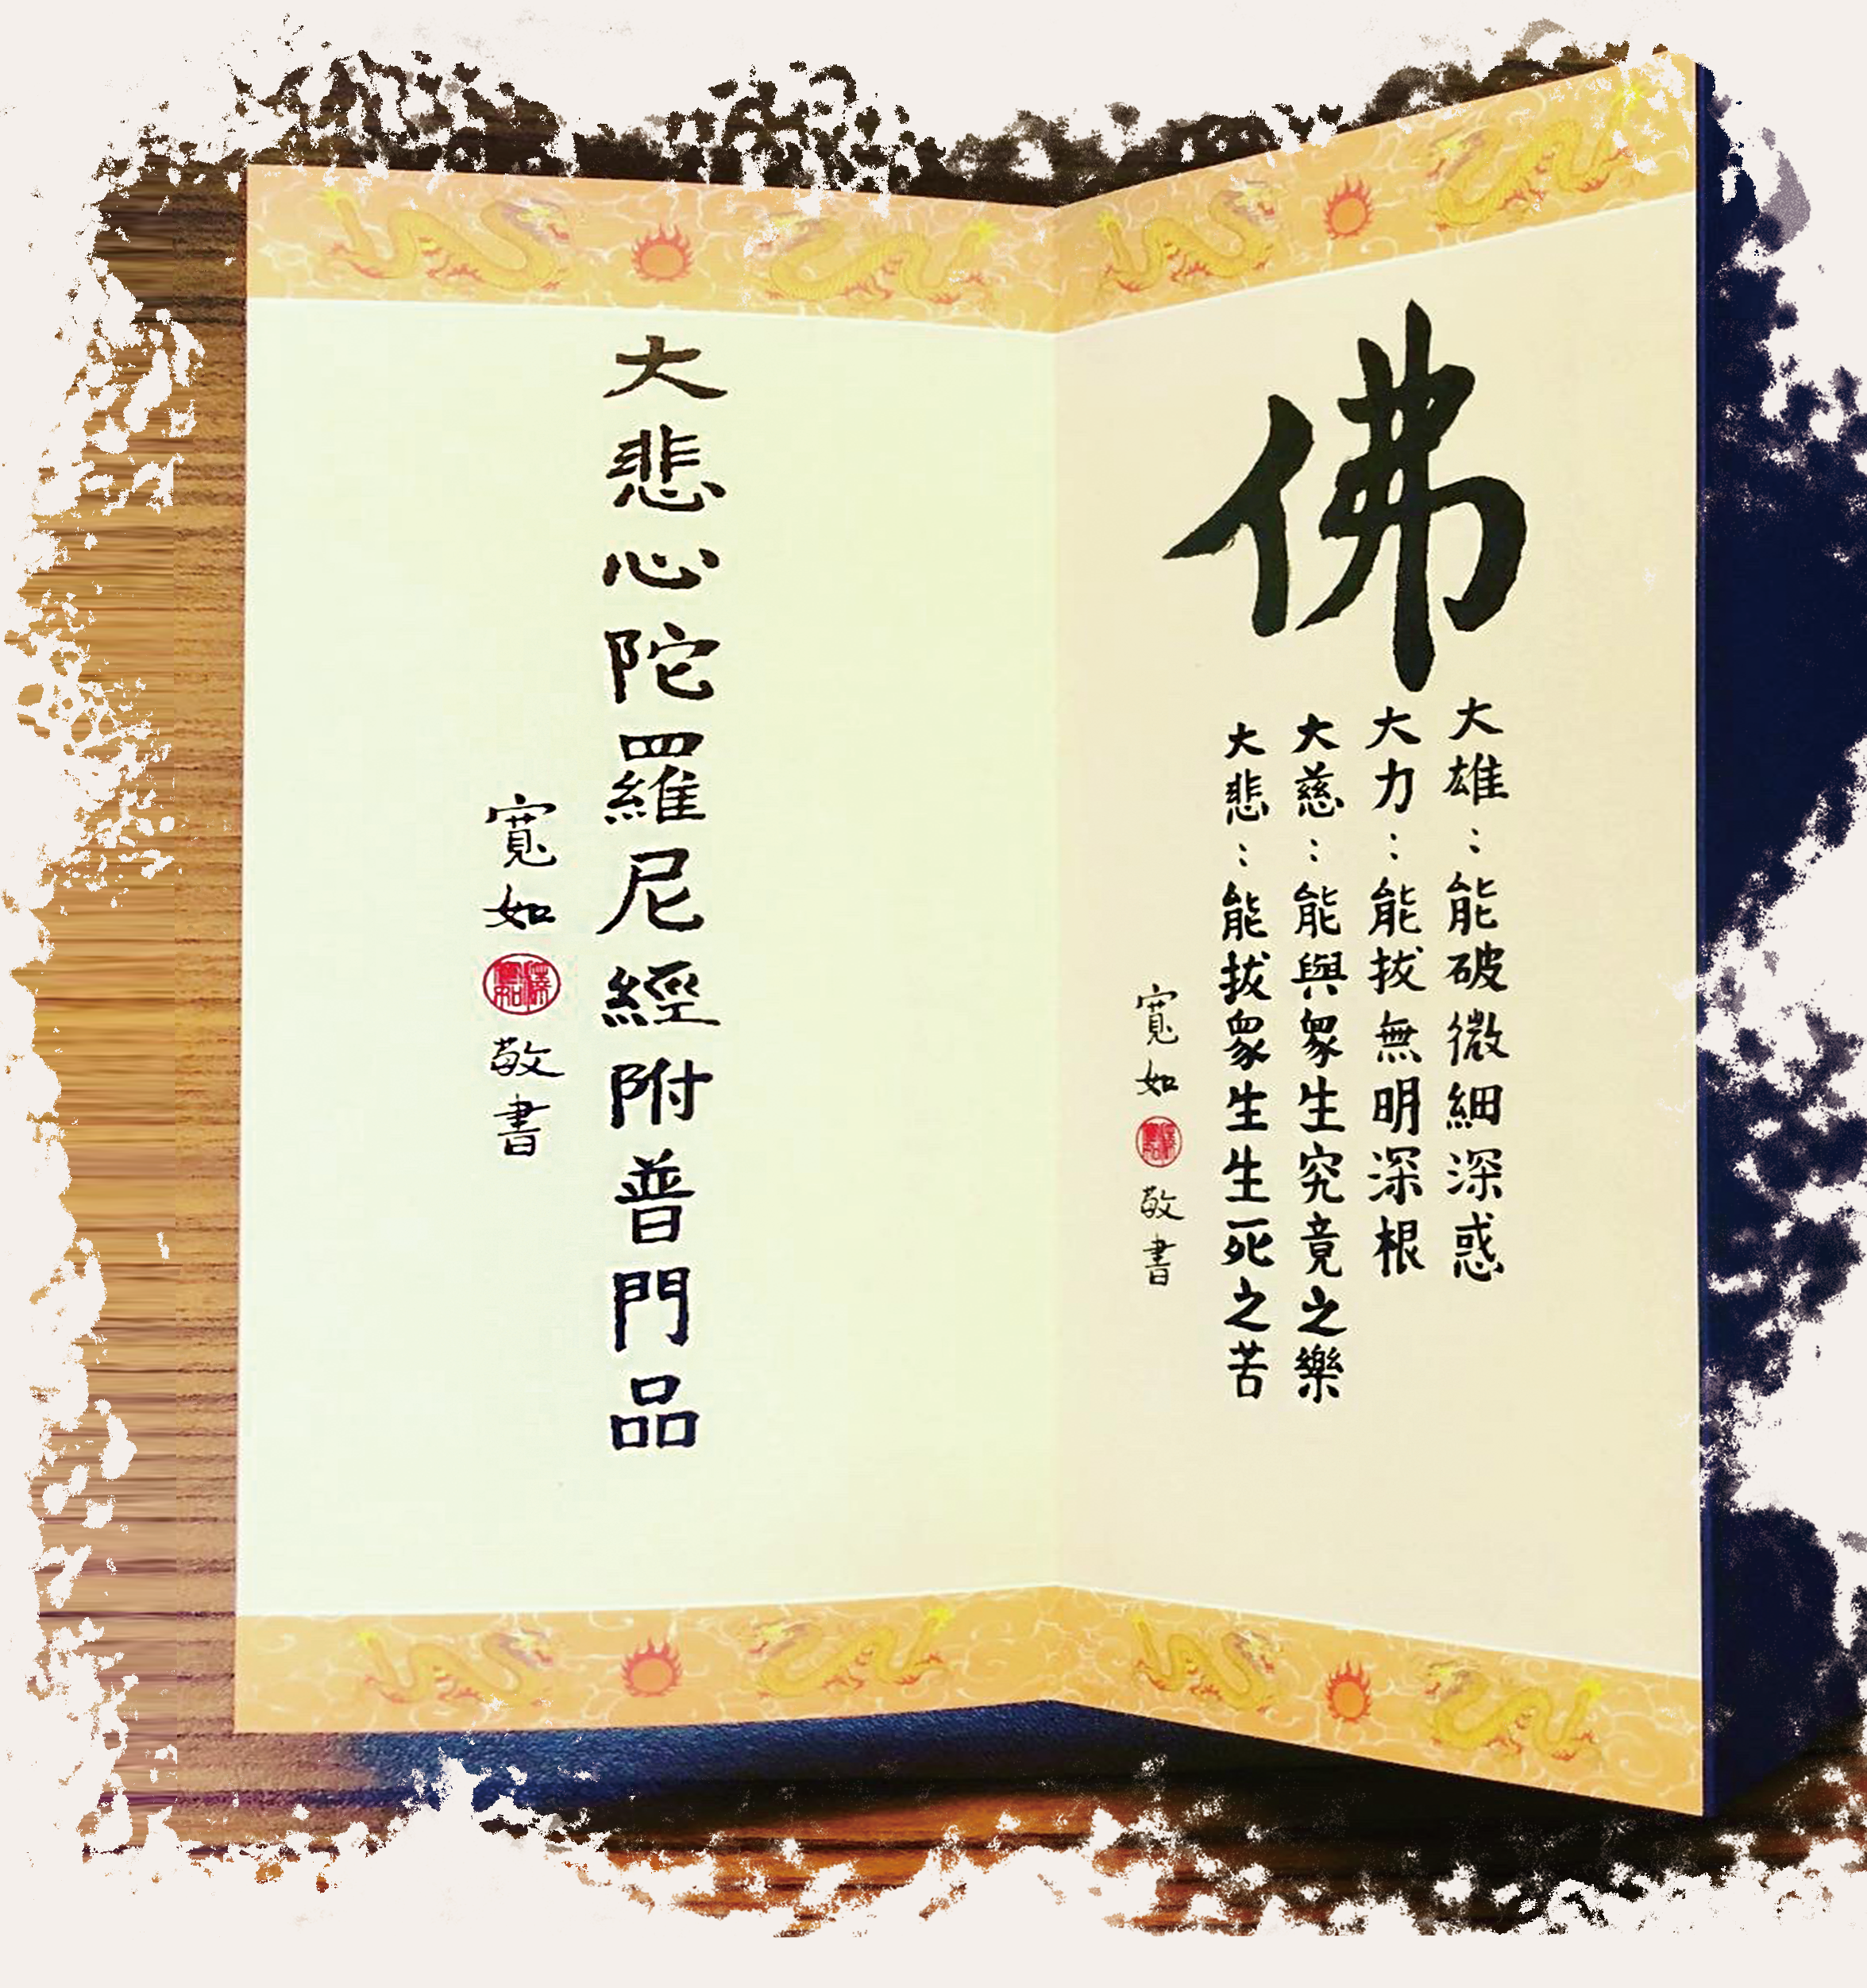 《大悲心陀羅尼經》12-6